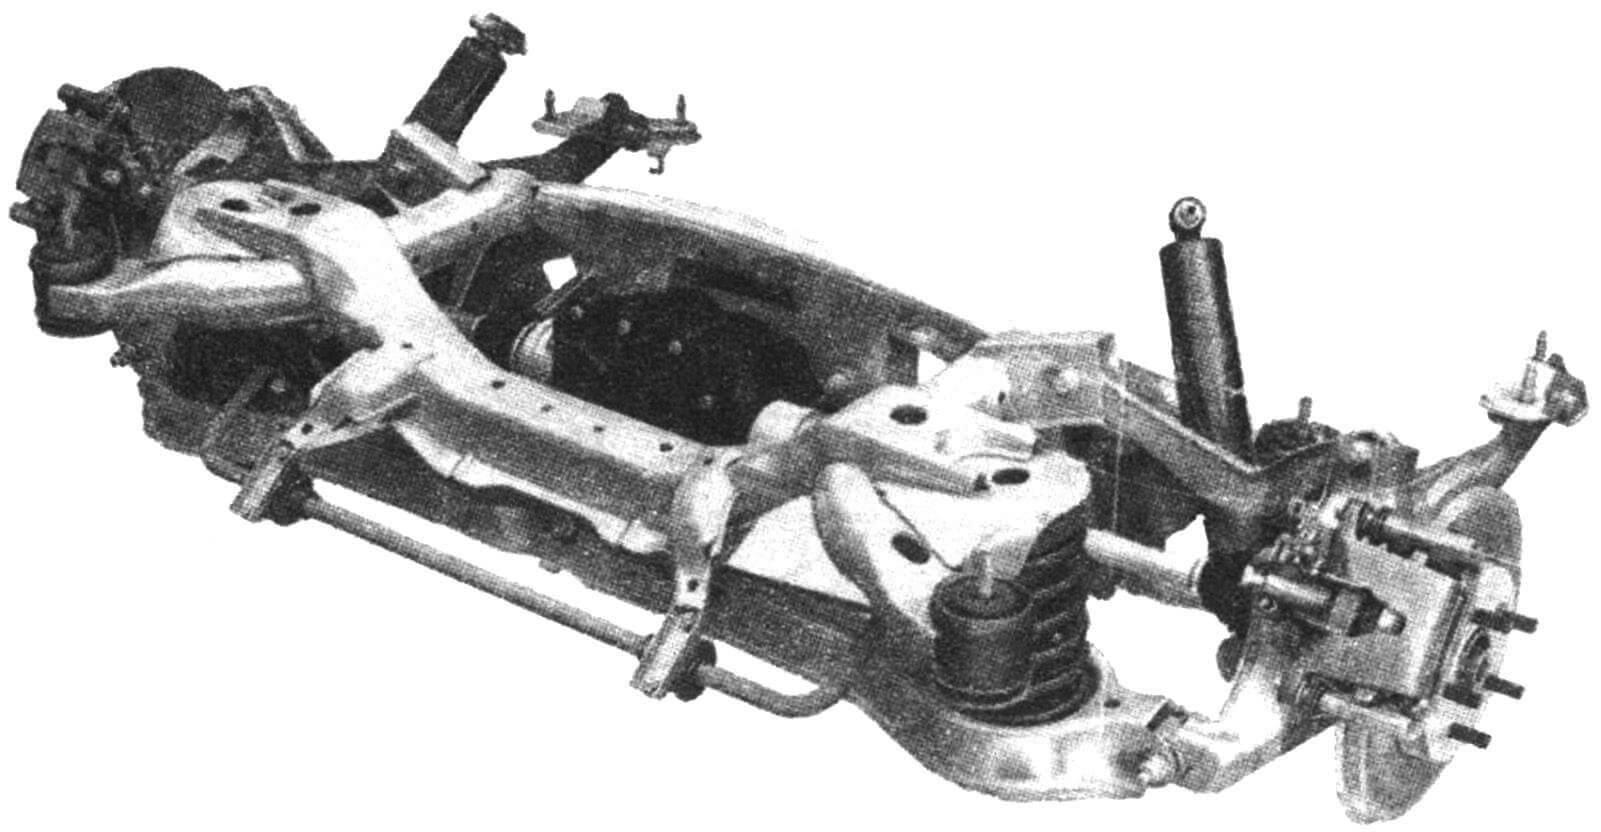 Многорычажная задняя подвеска автомобиля Jaguar X-type